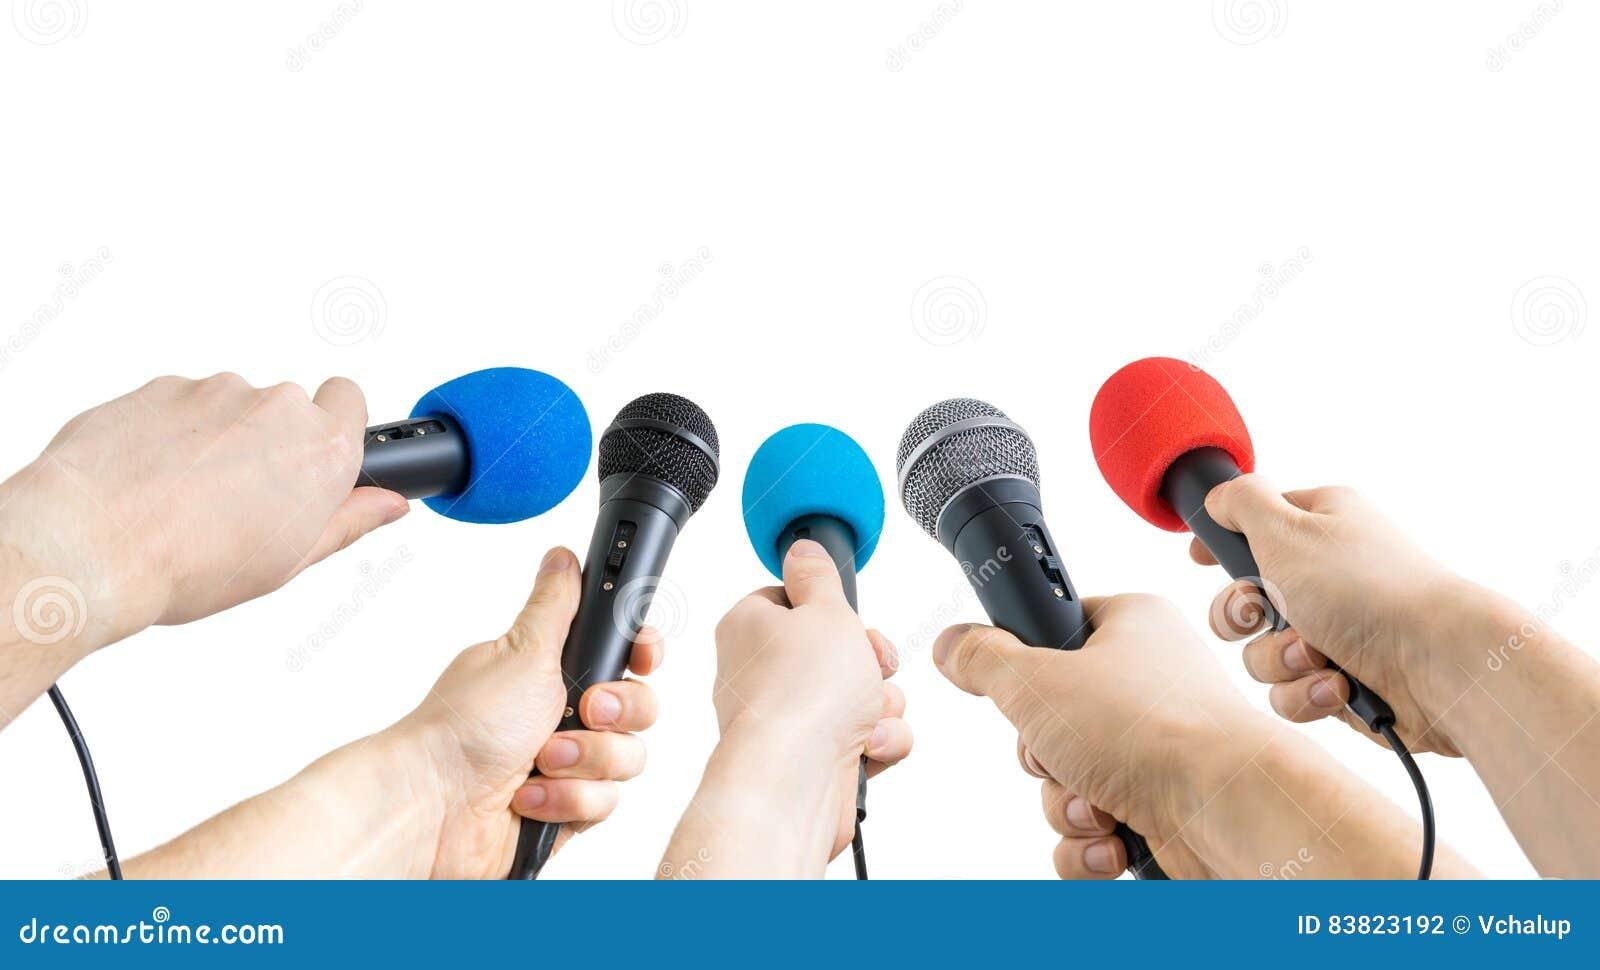 新闻事业和会议概念 许多记者手举行话筒